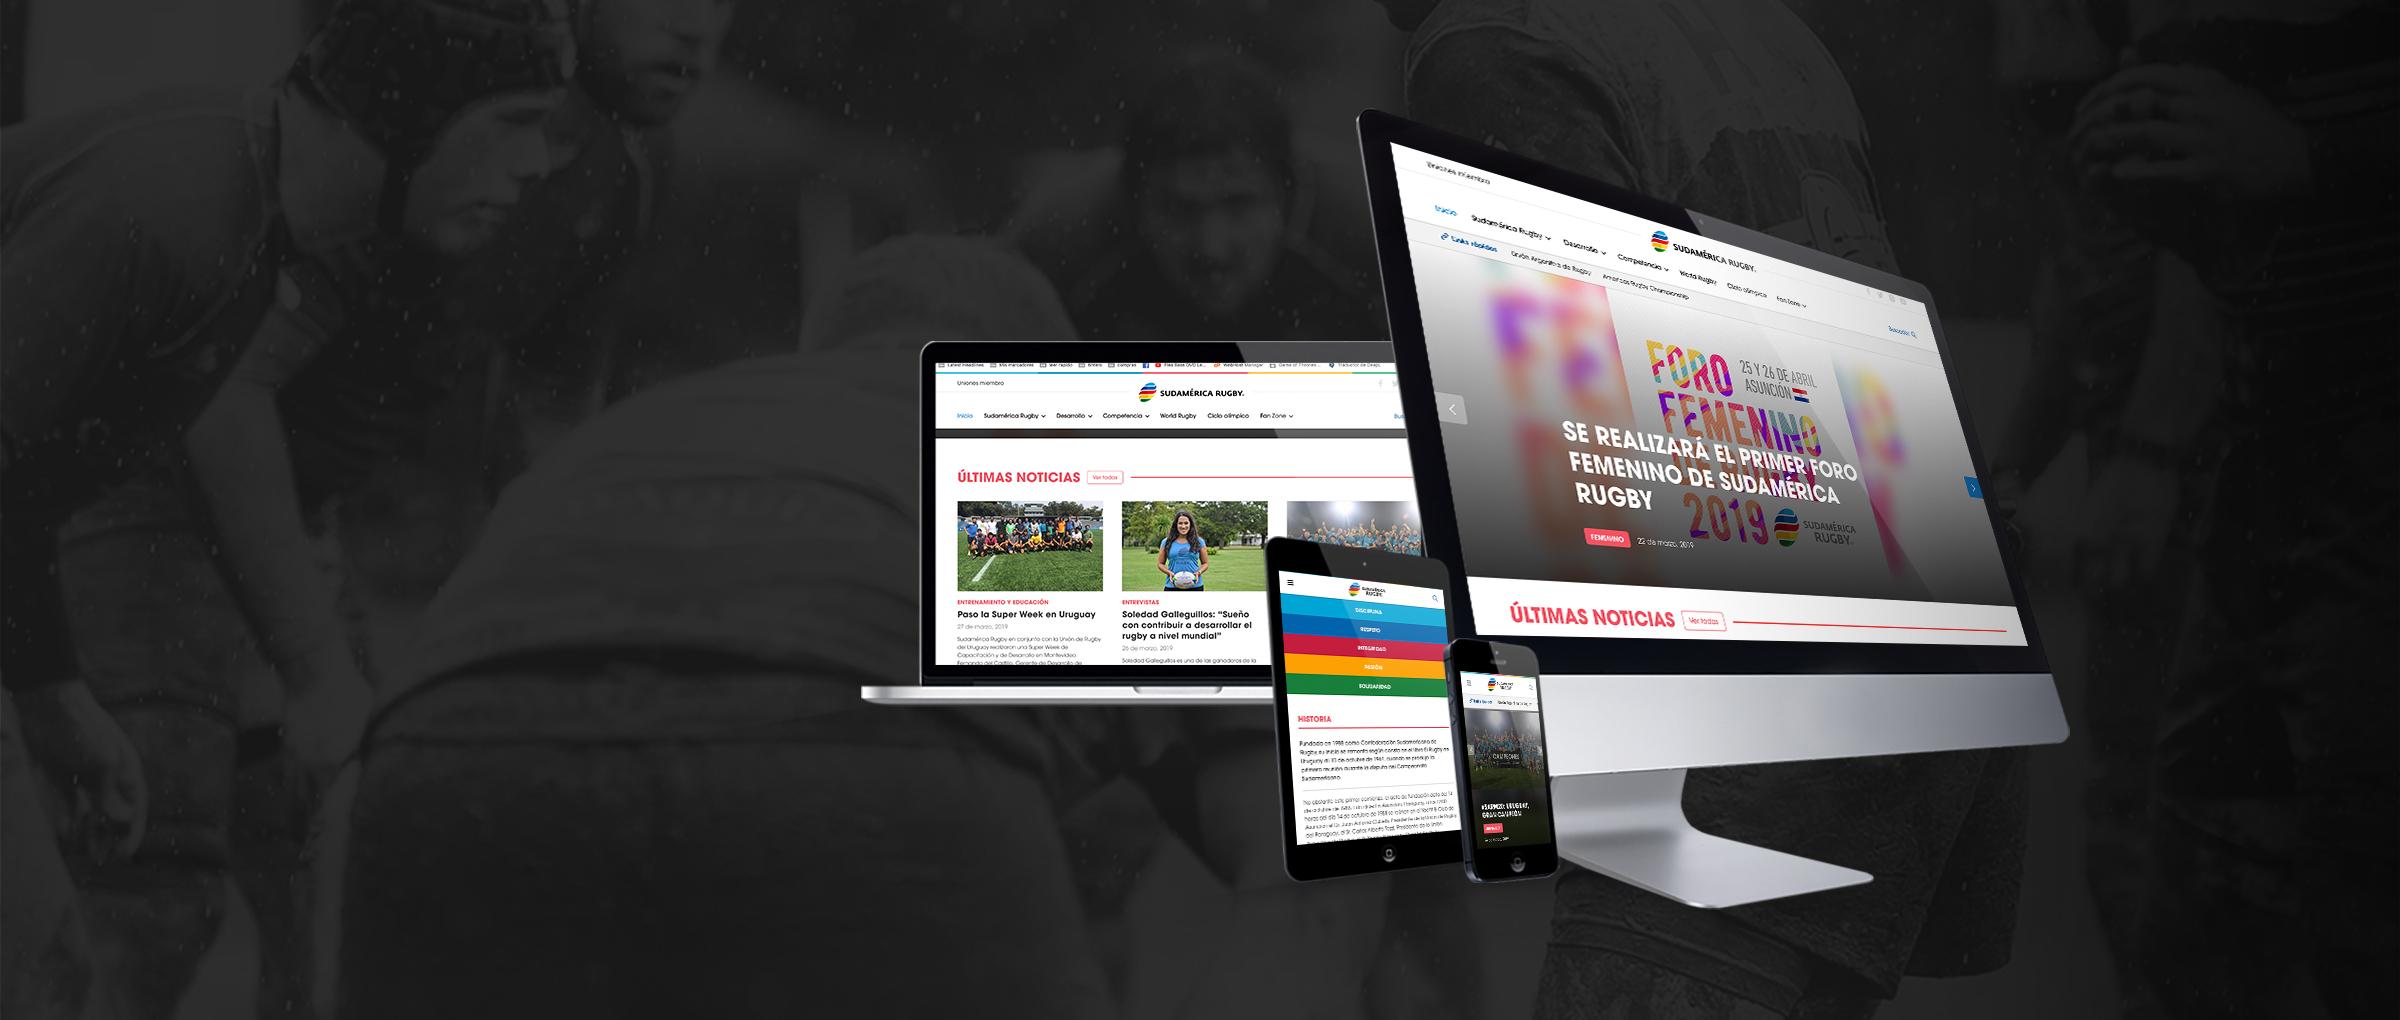 Sudamérica Rugby se renueva